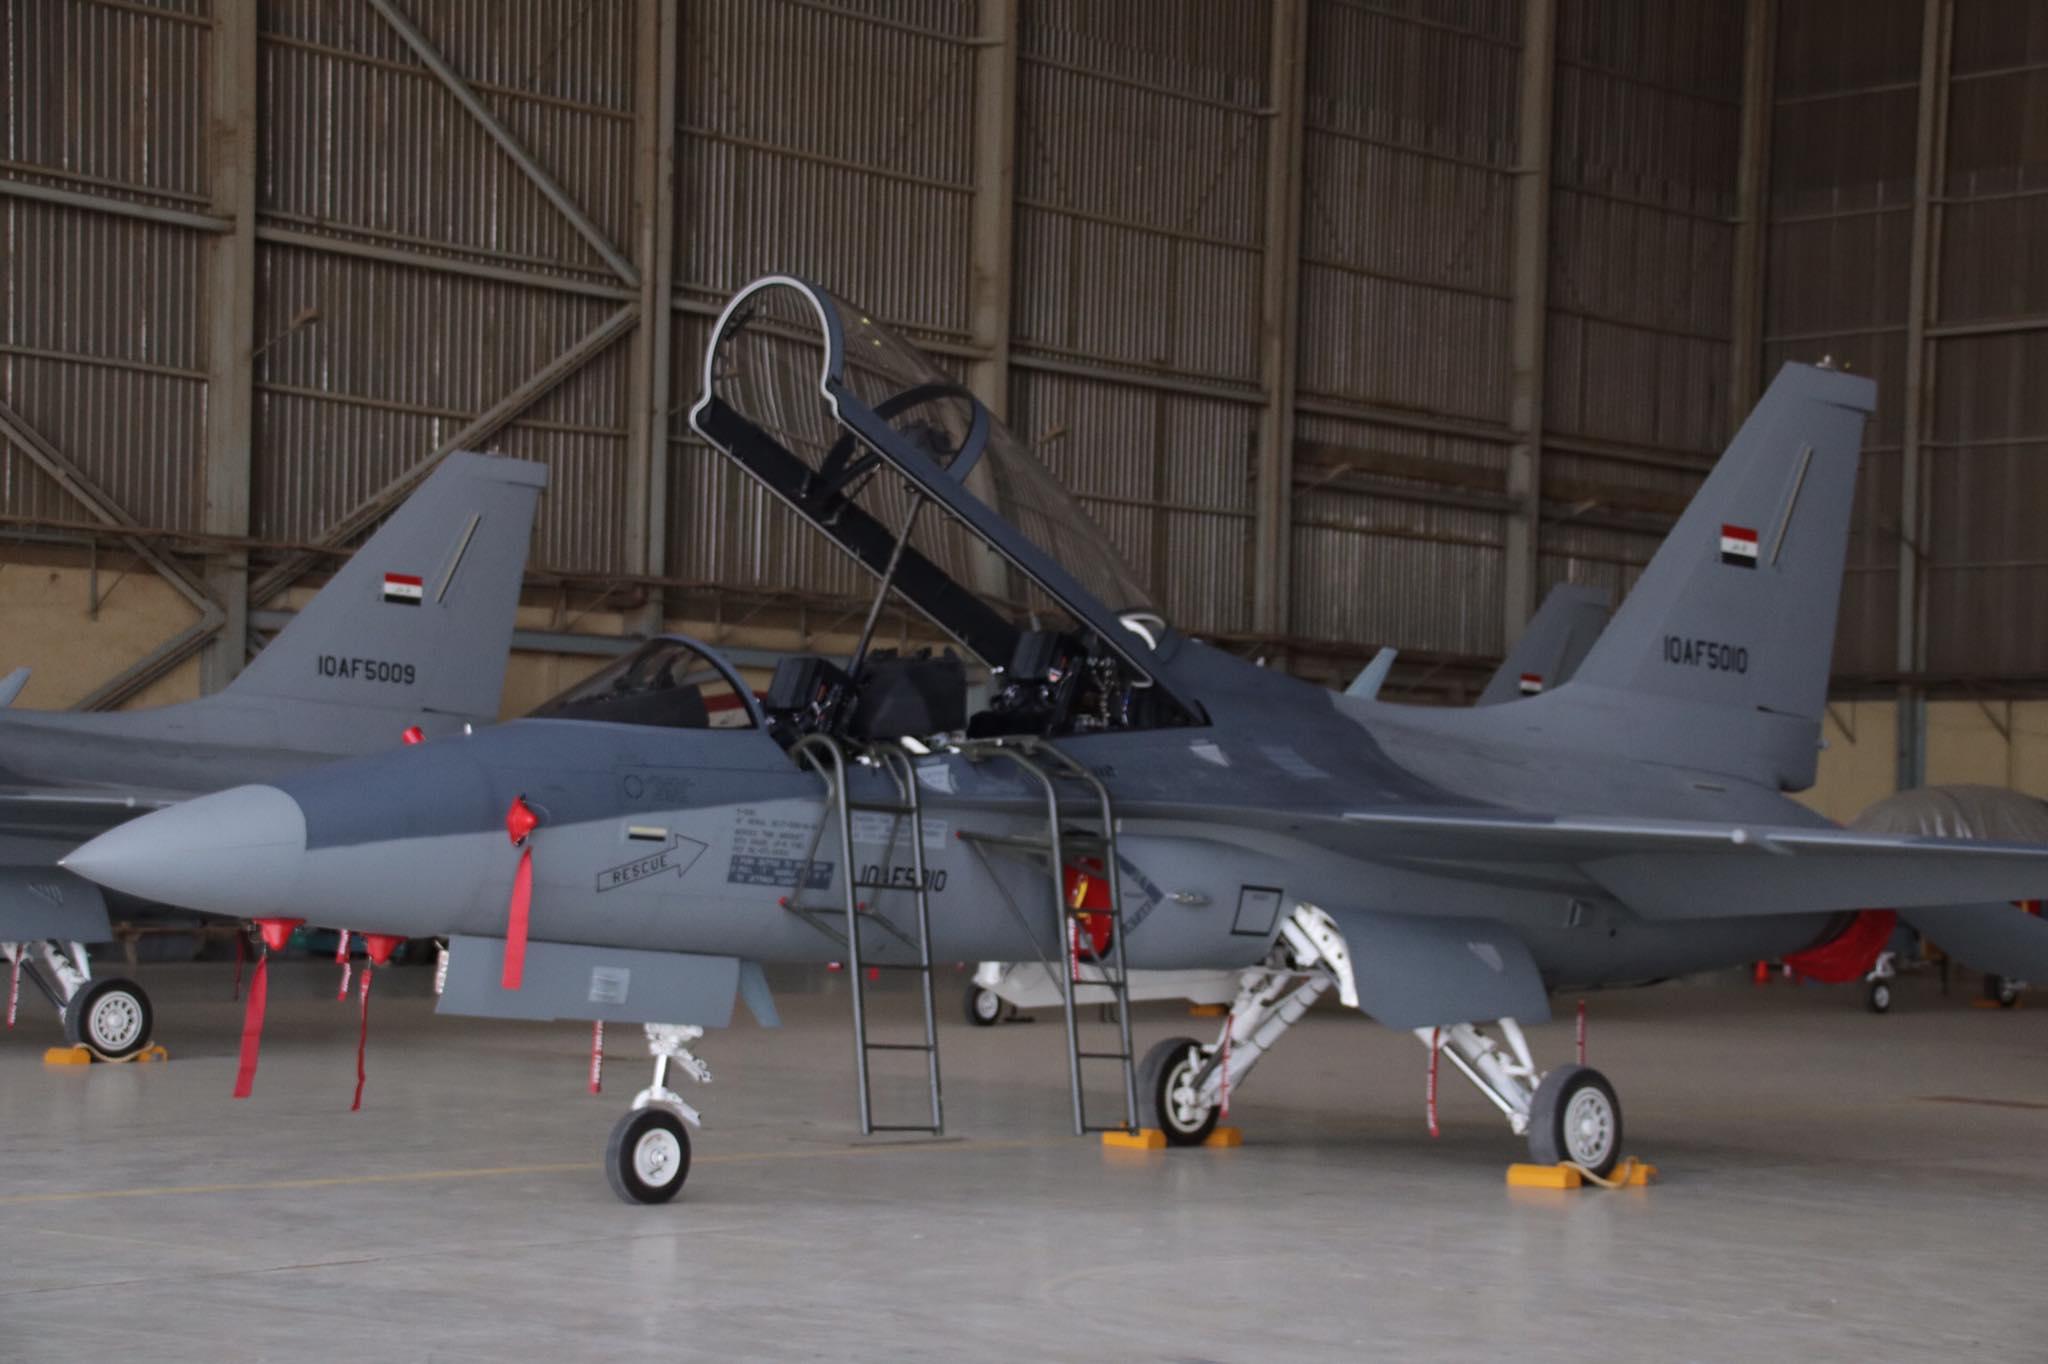 ВВС Ирака получили очередные шесть учебно-боевых самолетов T-50IQ